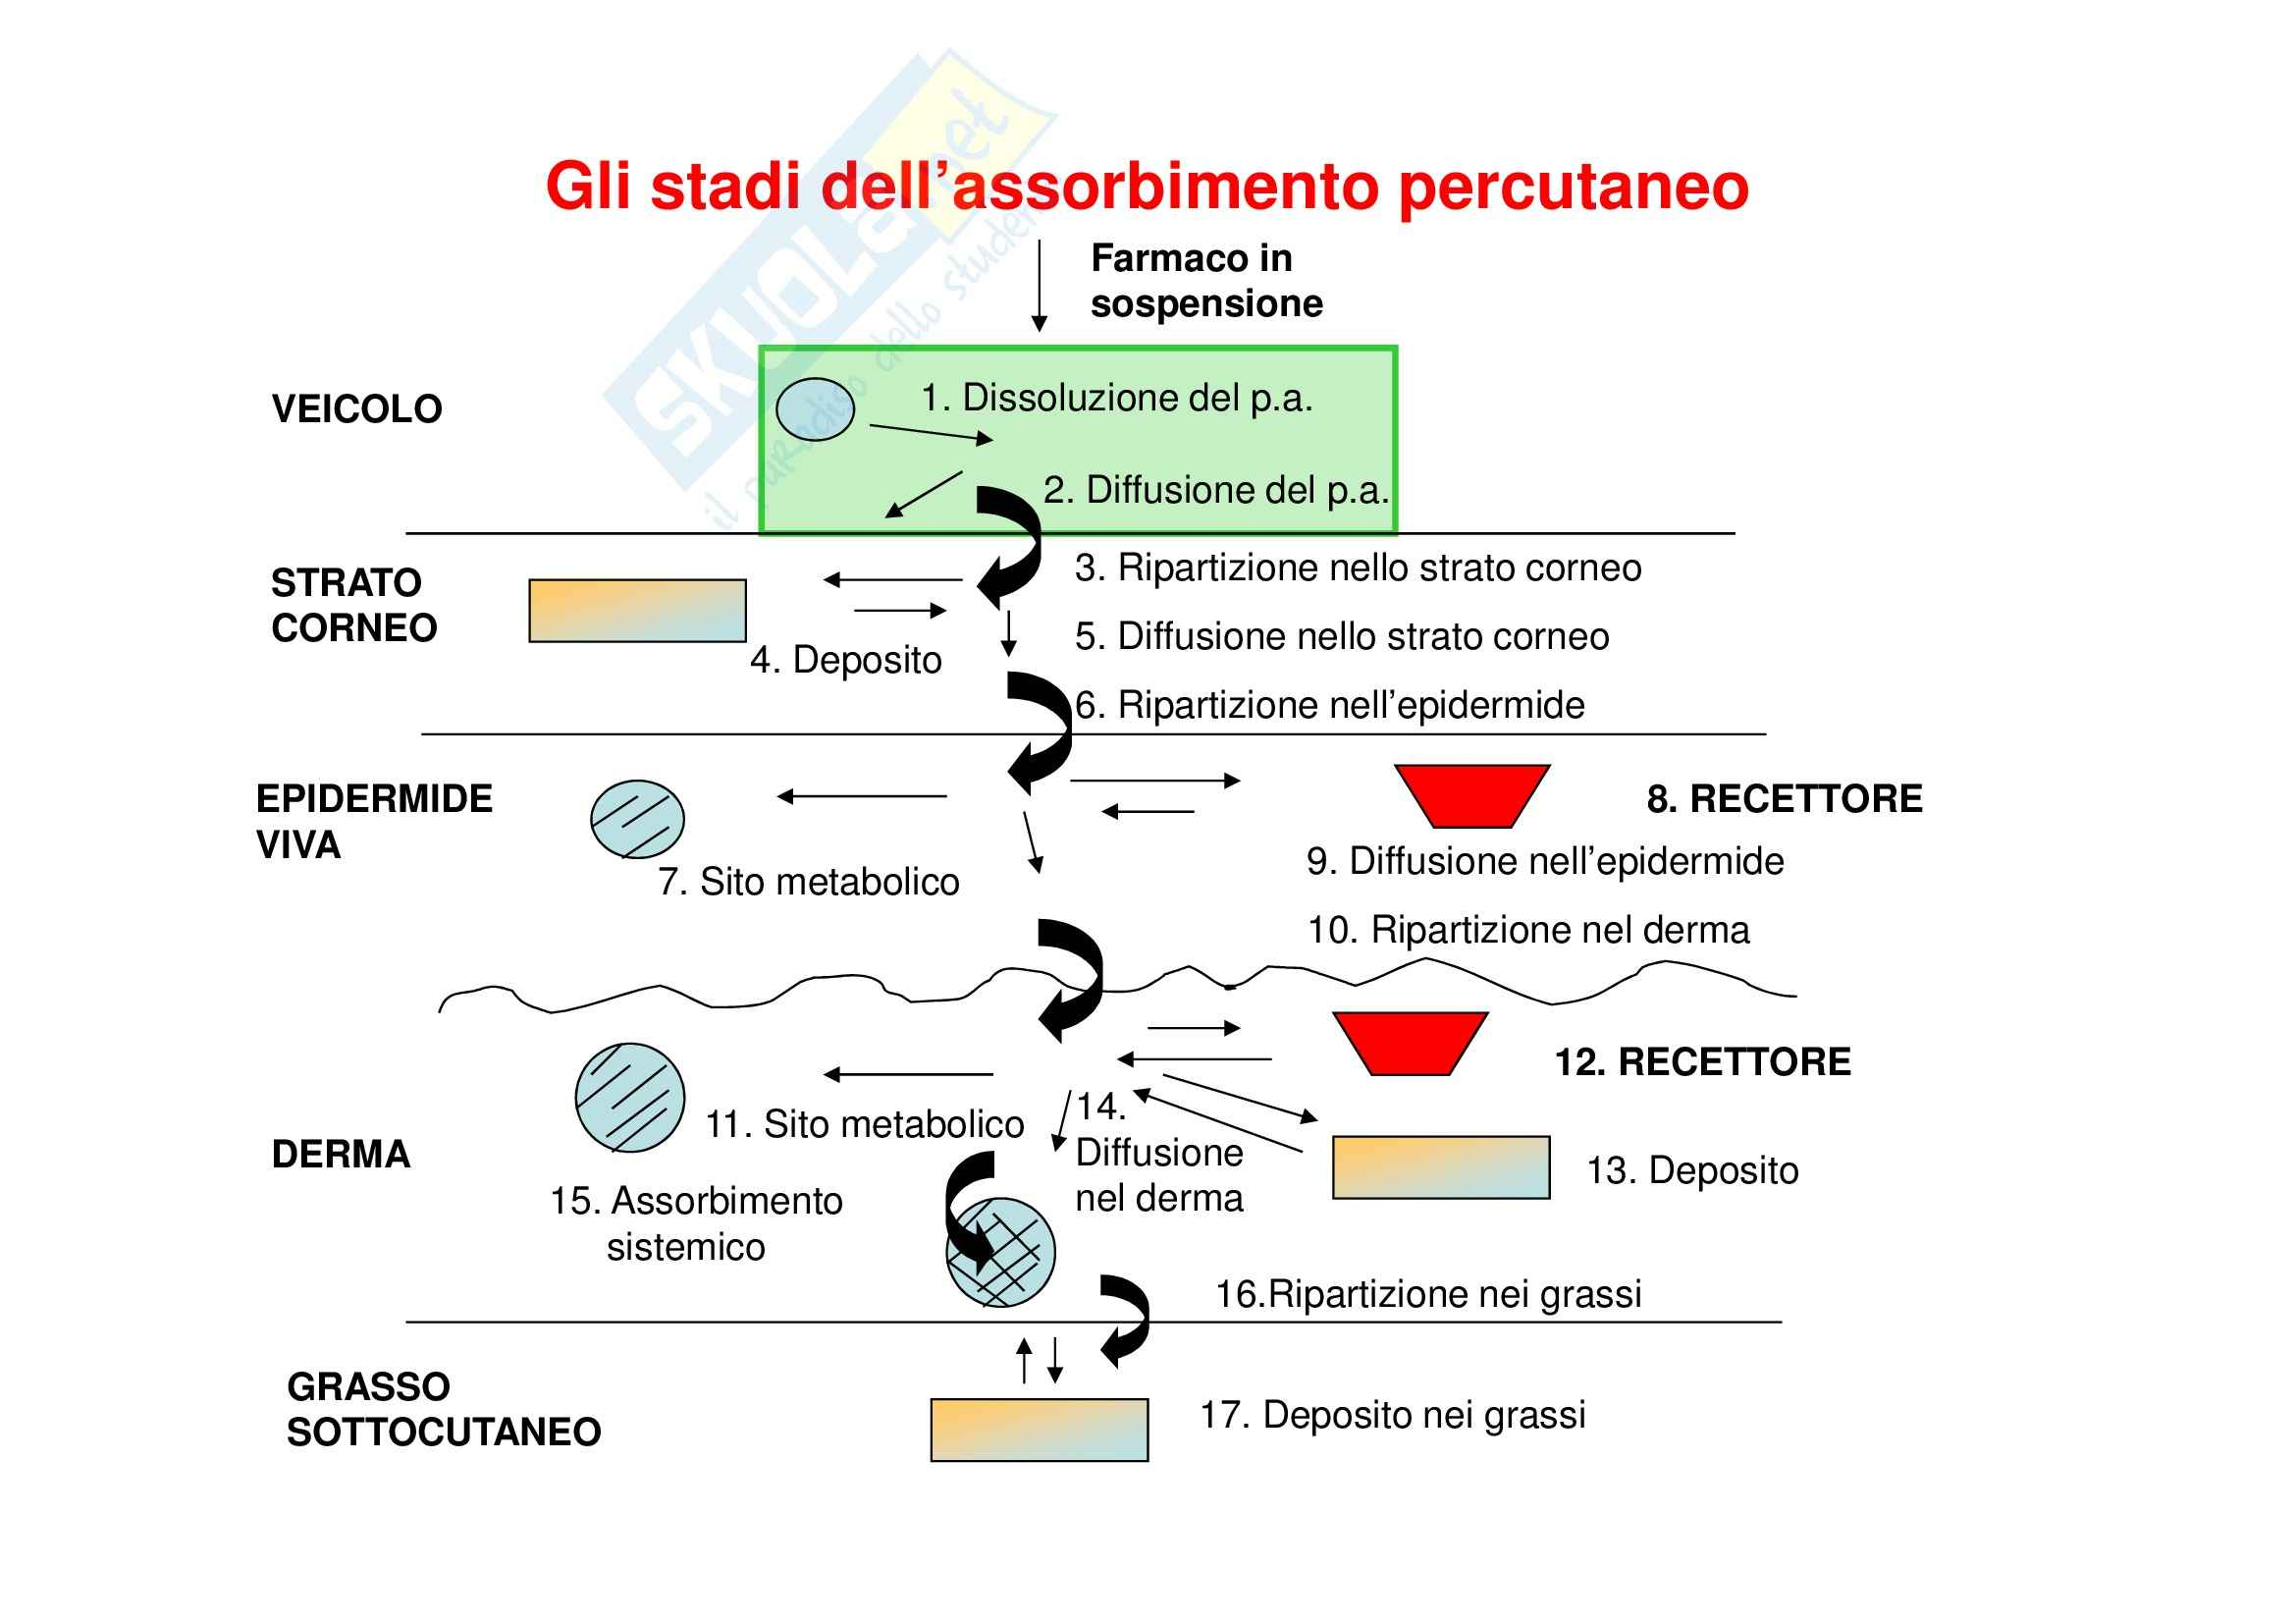 Tecnica farmaceutica - assorbimento percutaneo Pag. 6